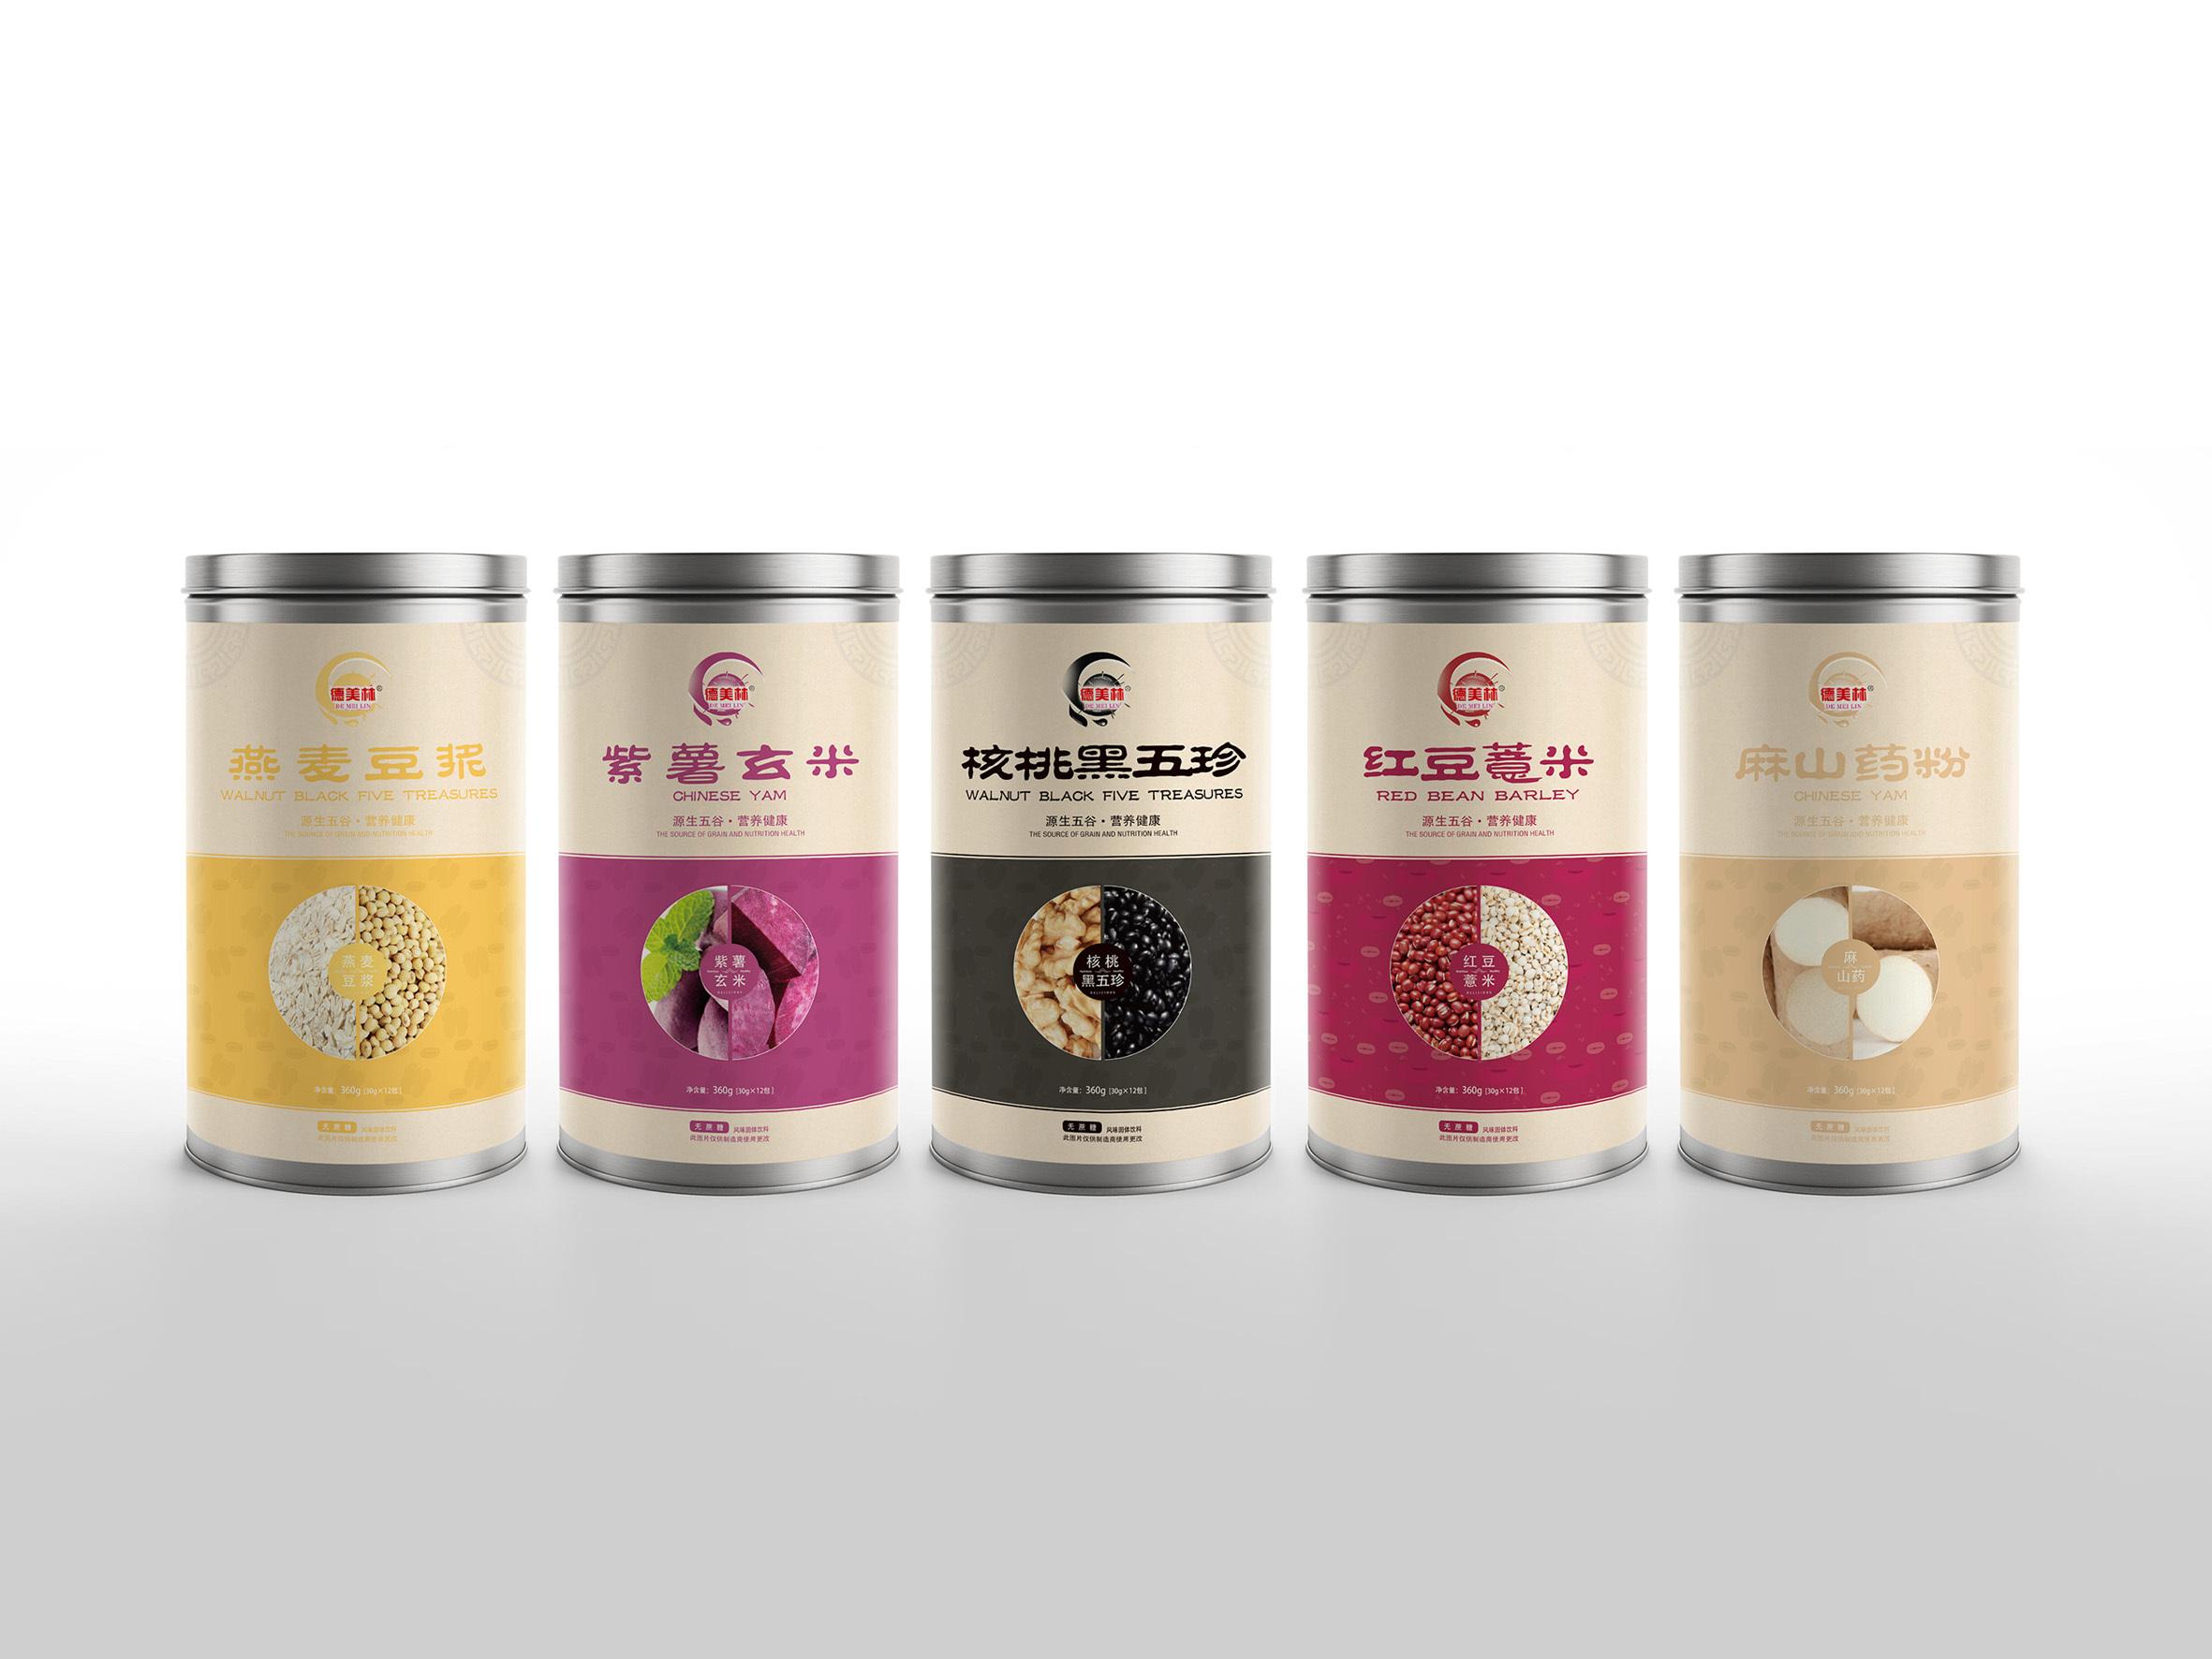 五谷杂粮粉设计【郭包装】【尔闻墨间】北京室内设计总监招聘图片